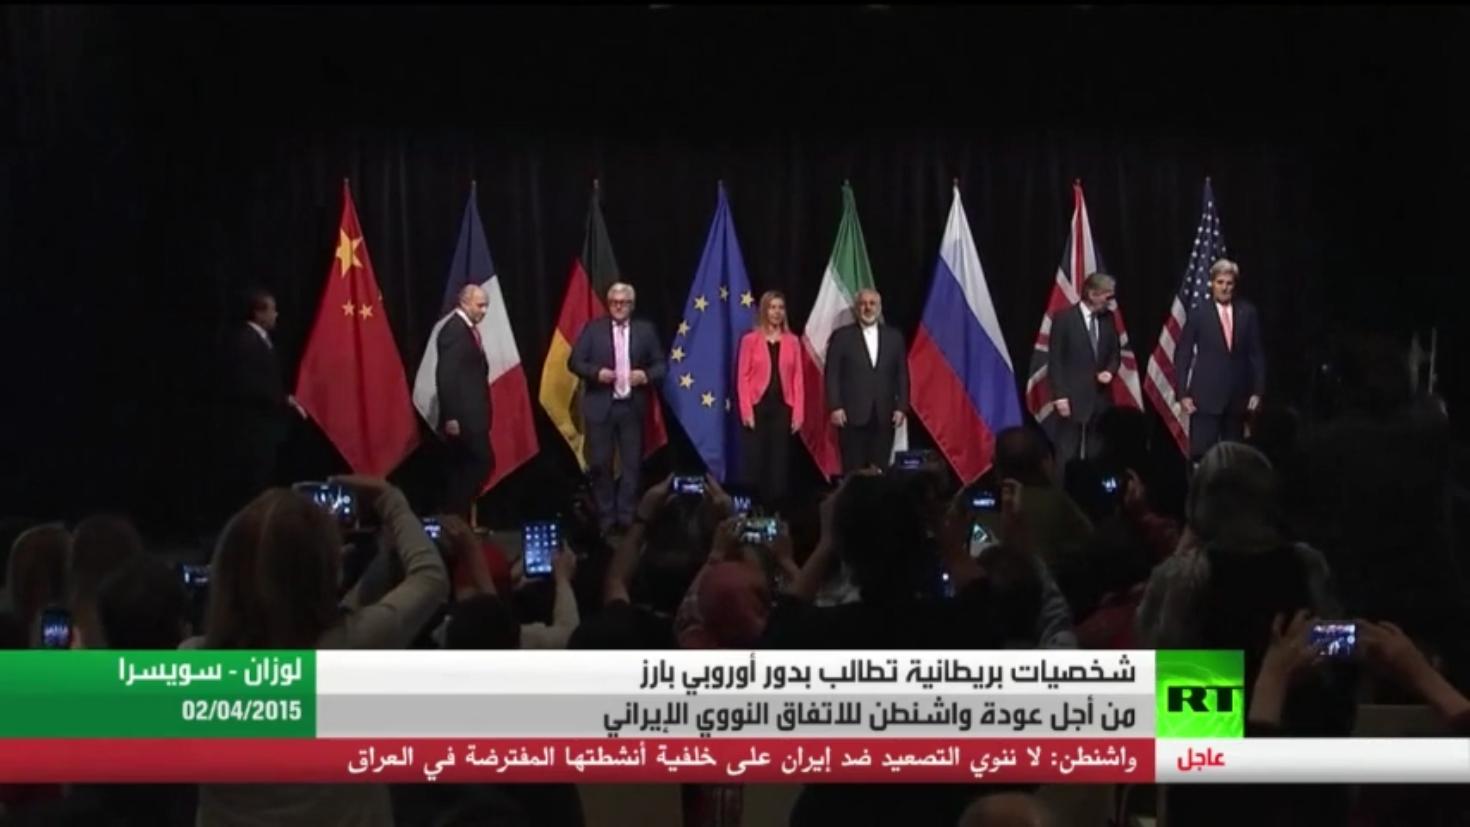 بلينكن: نسعى لإطالة أمد الاتفاق مع طهران